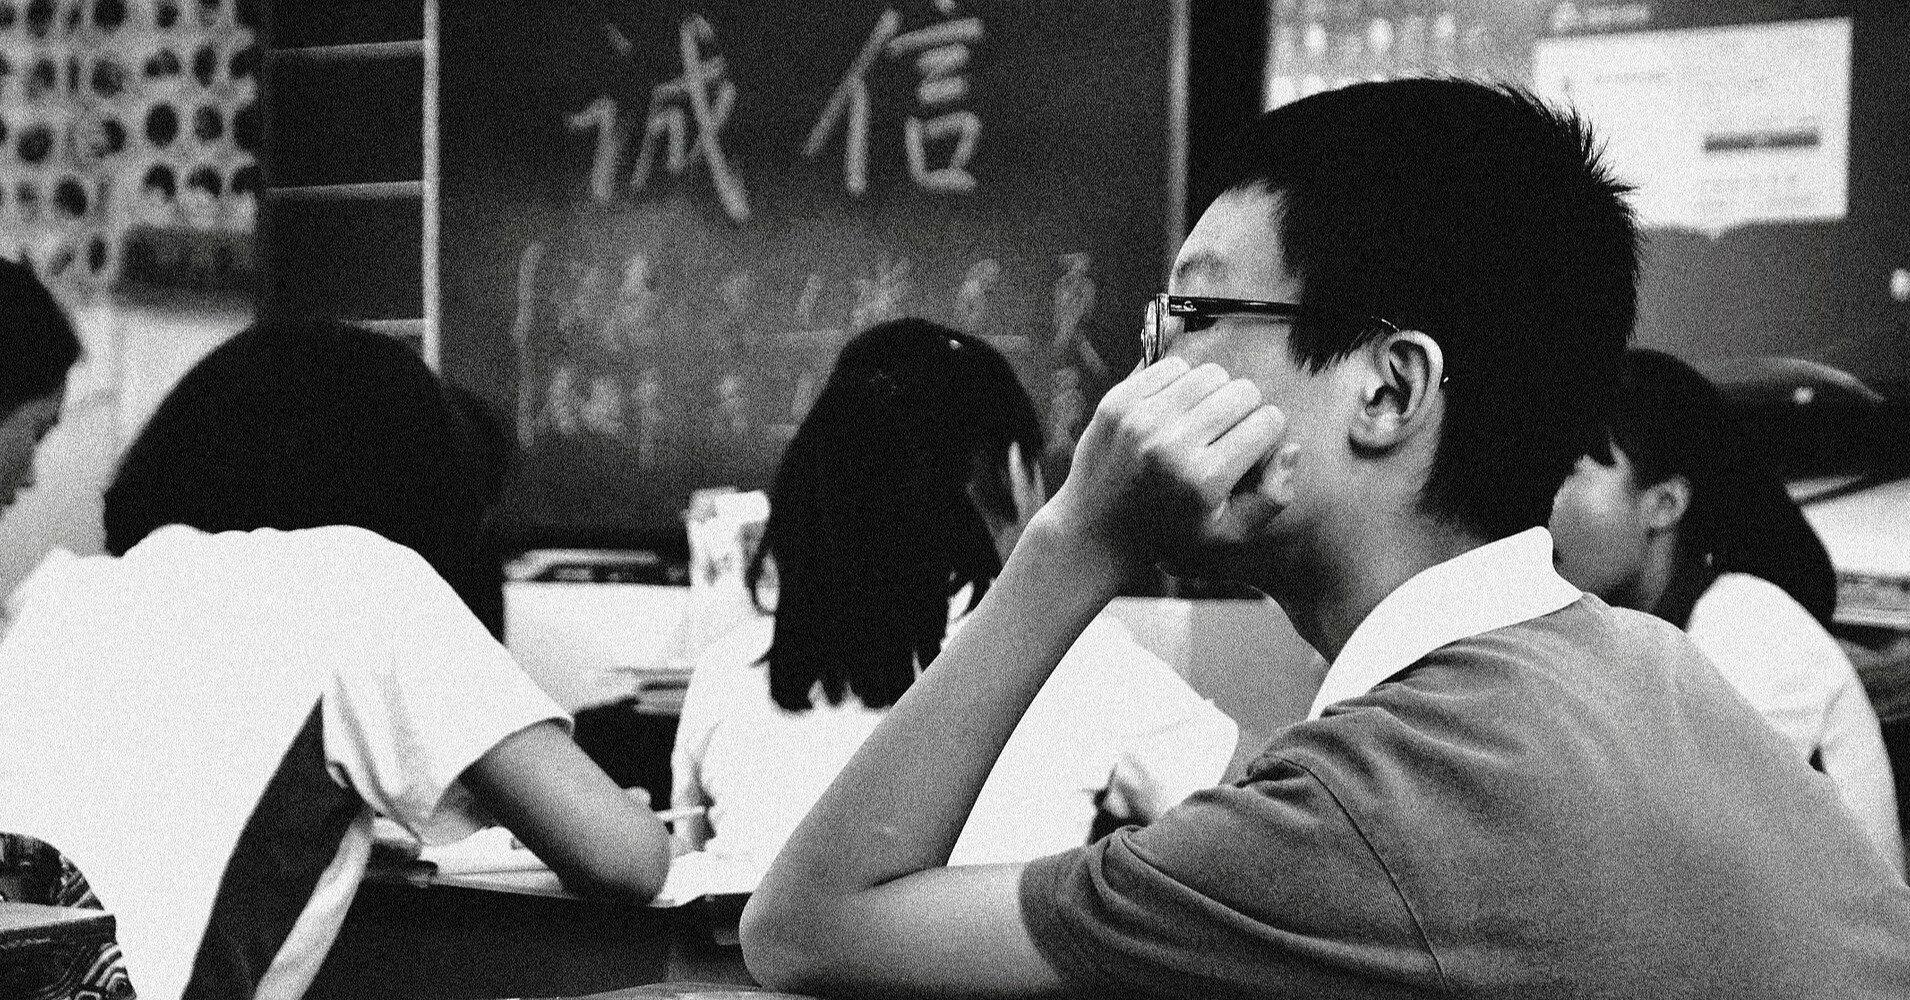 Школы закрывают 10-11 классы для учеников: что делать родителям